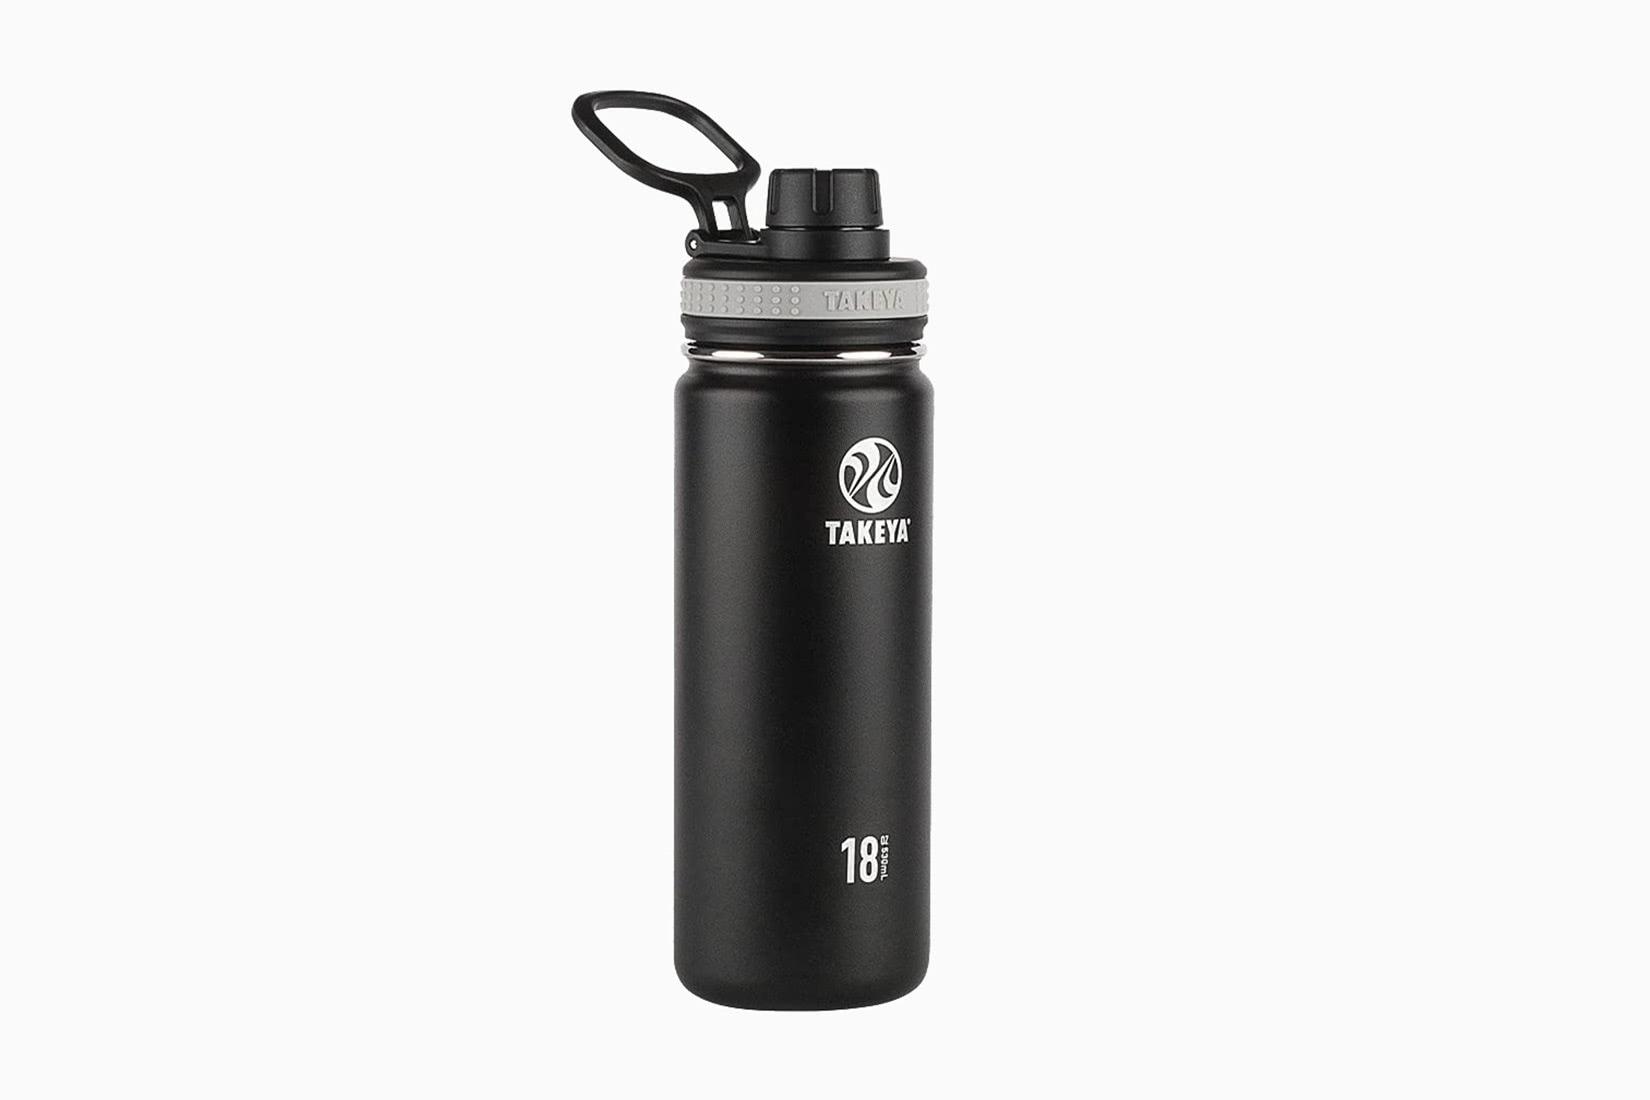 best water bottles stainless steel takeya originals - Luxe Digital